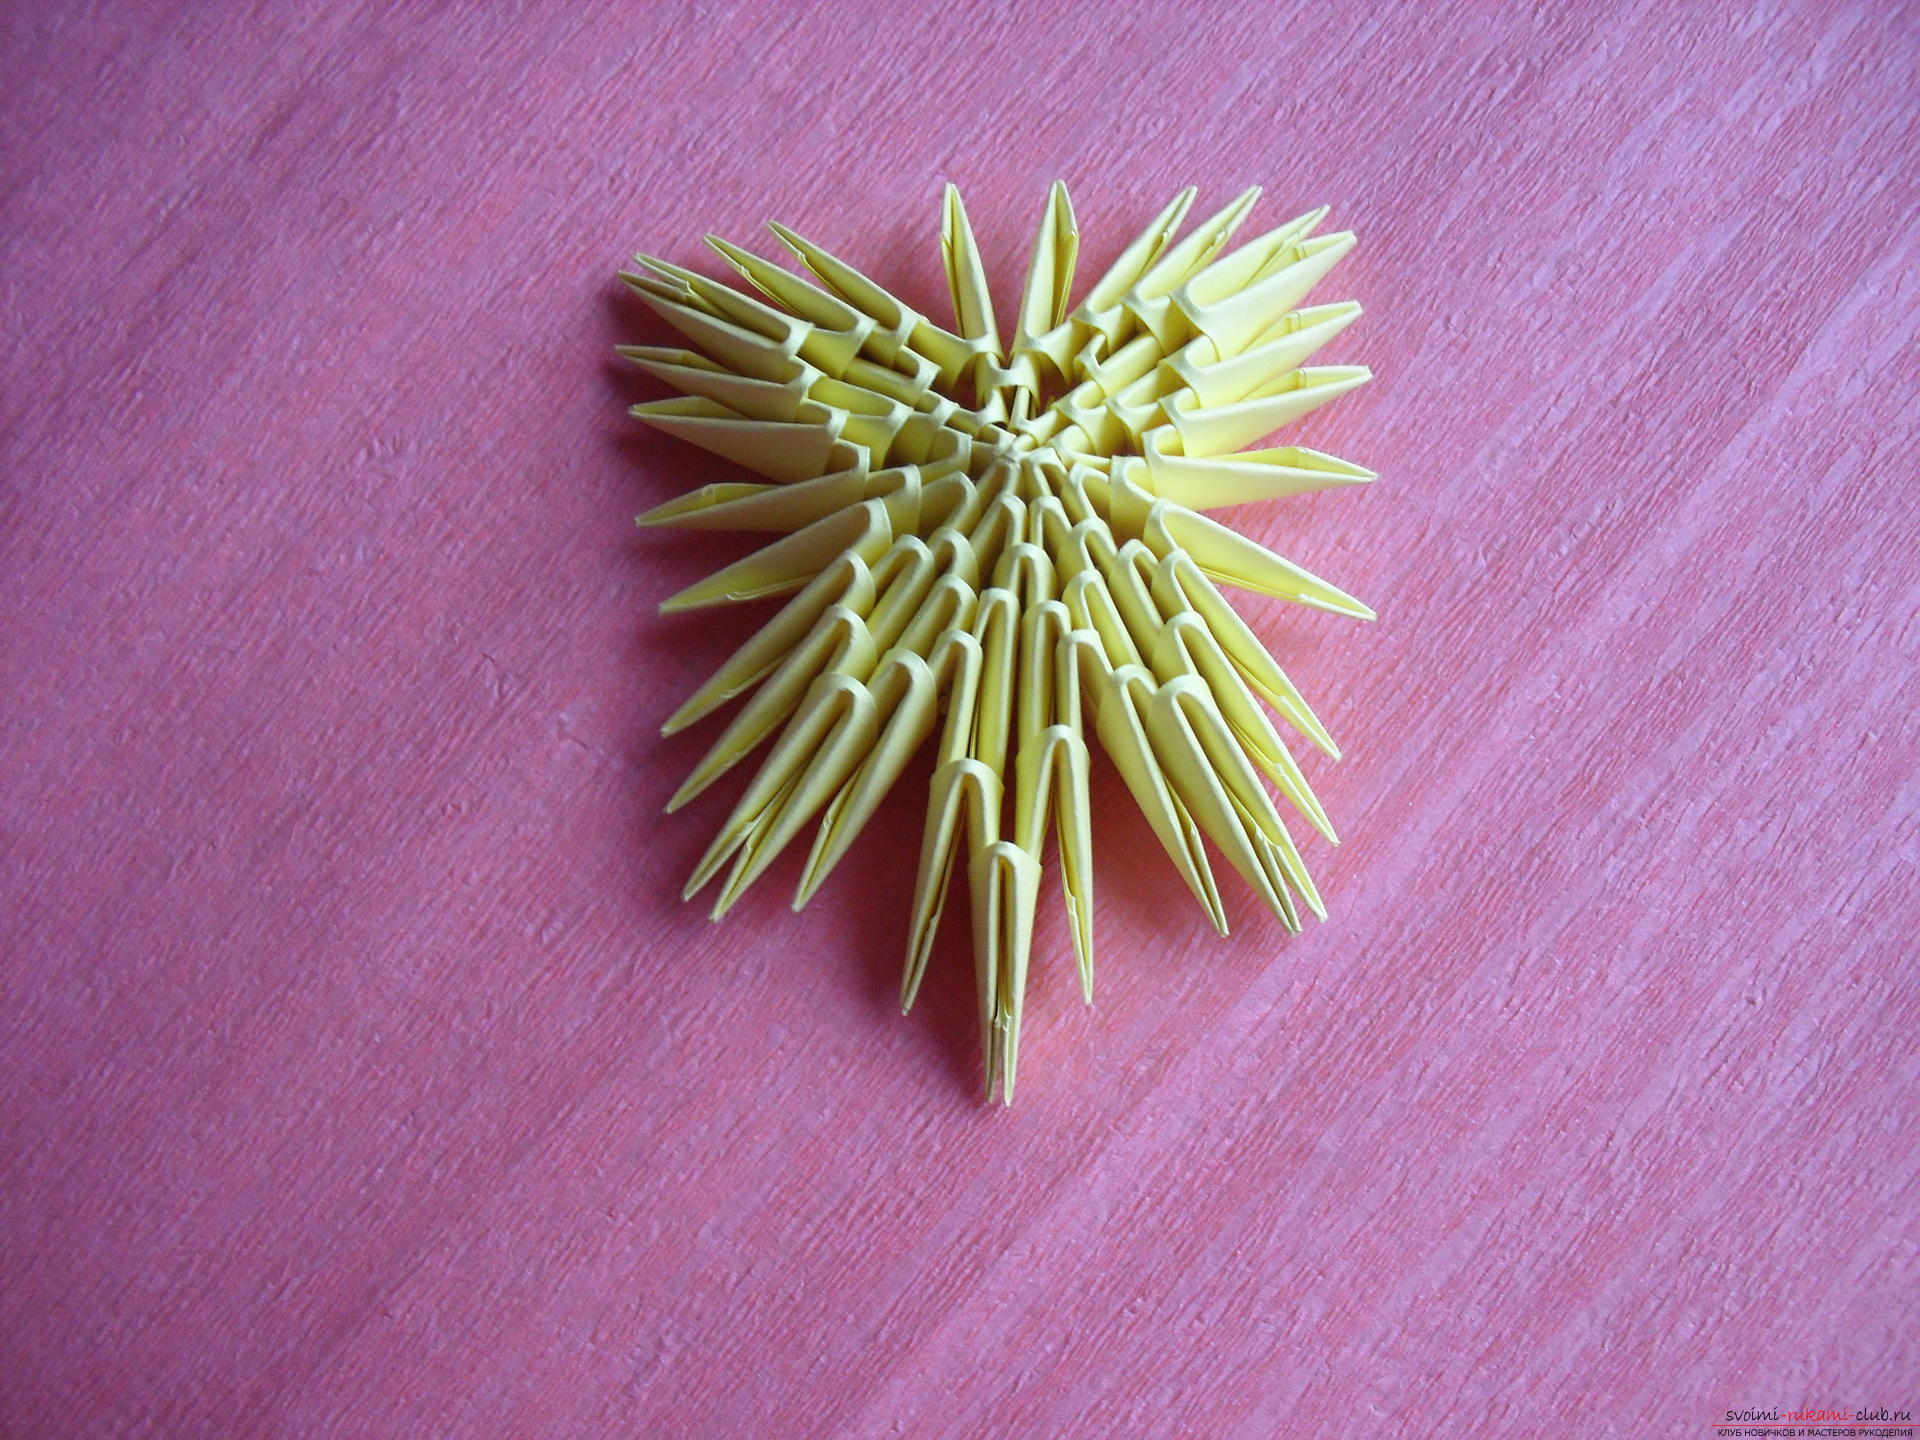 Этот мастер-класс научит как сделать вазу с тюльпанами из бумаги в технике модульного оригами.. Фото №18